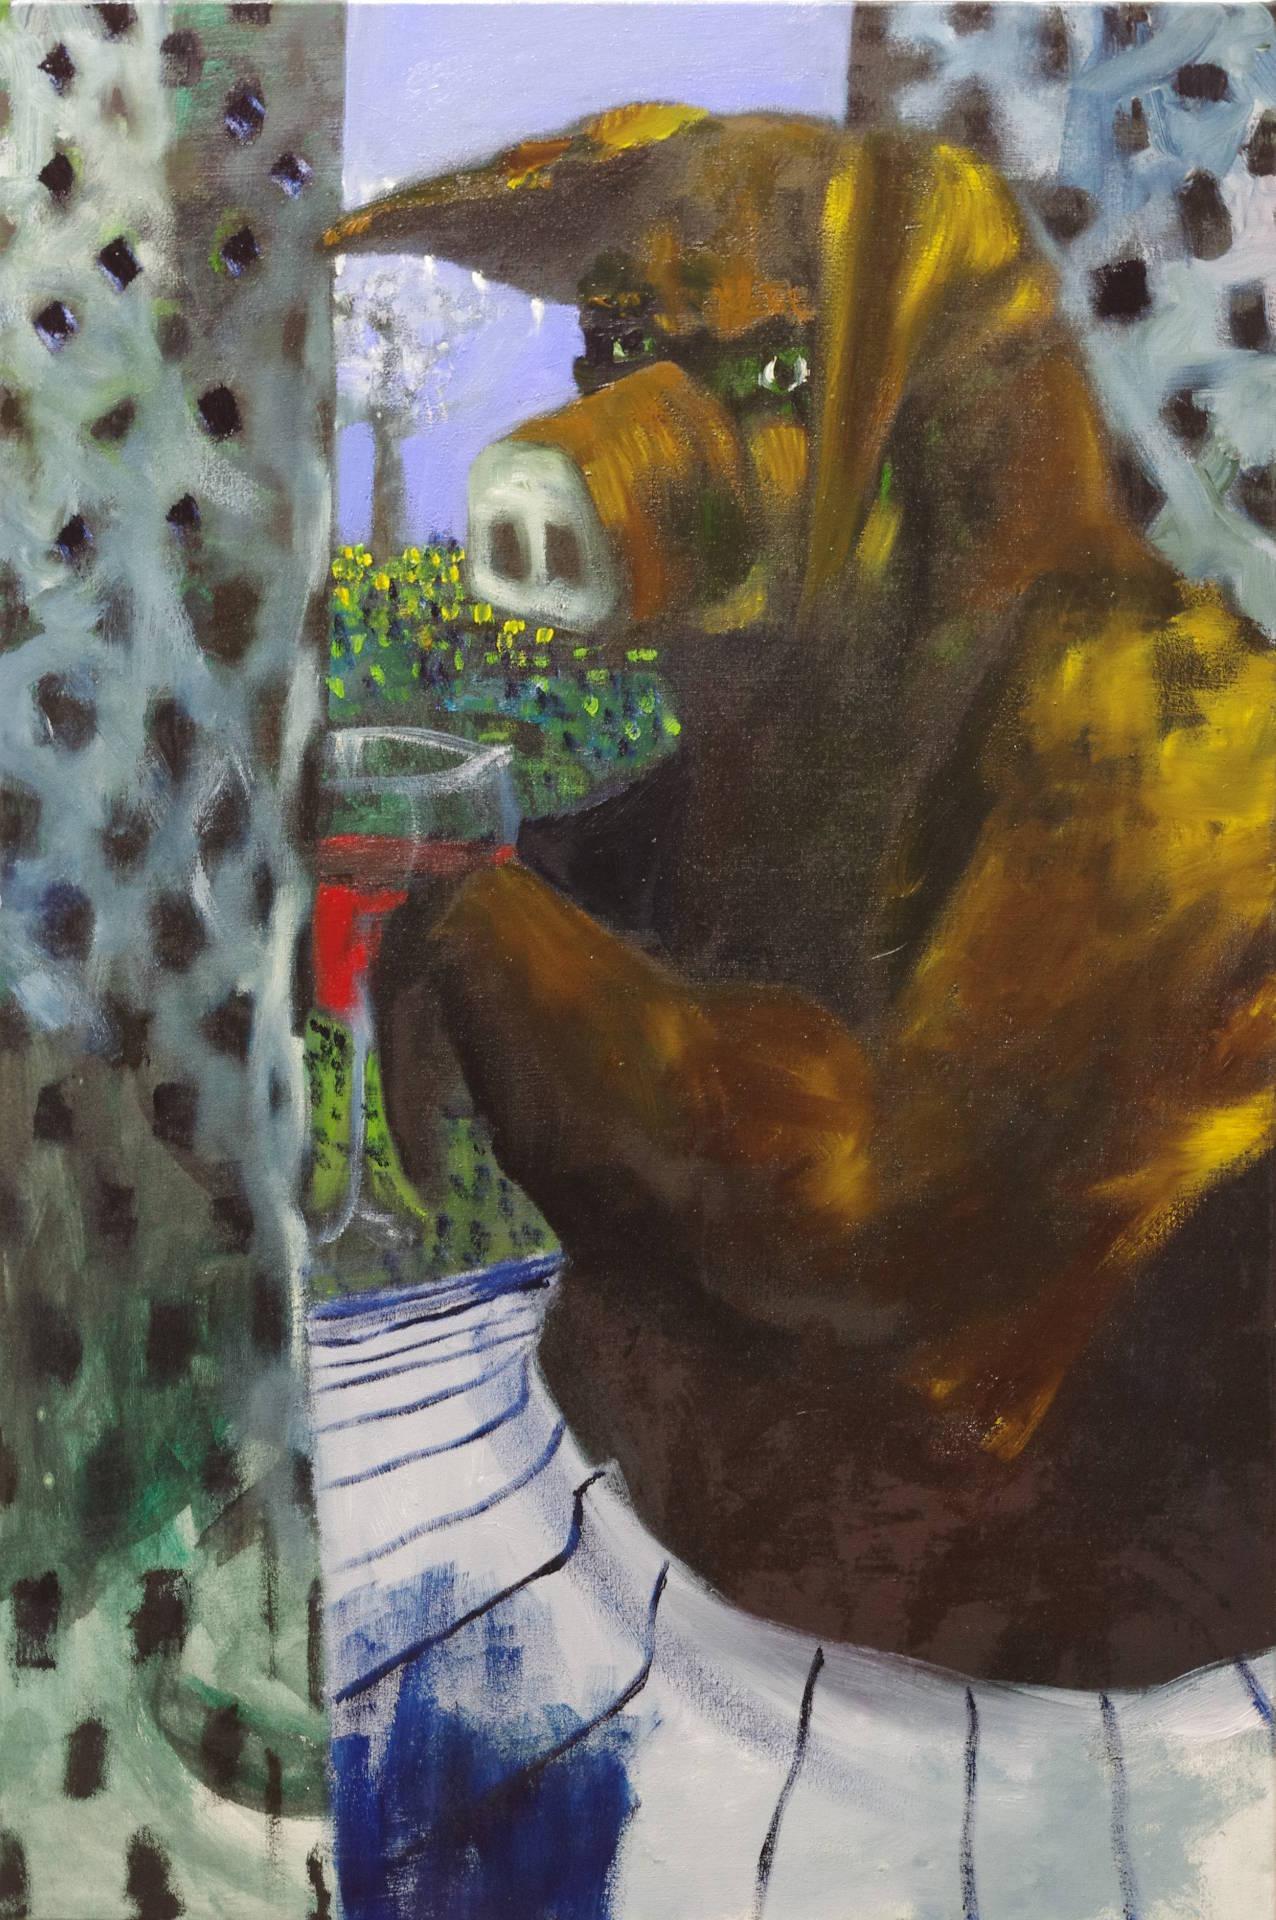 Schwein auf dem Fensterbrett (pig on the window sill) by Jonas Hofrichter, 2015